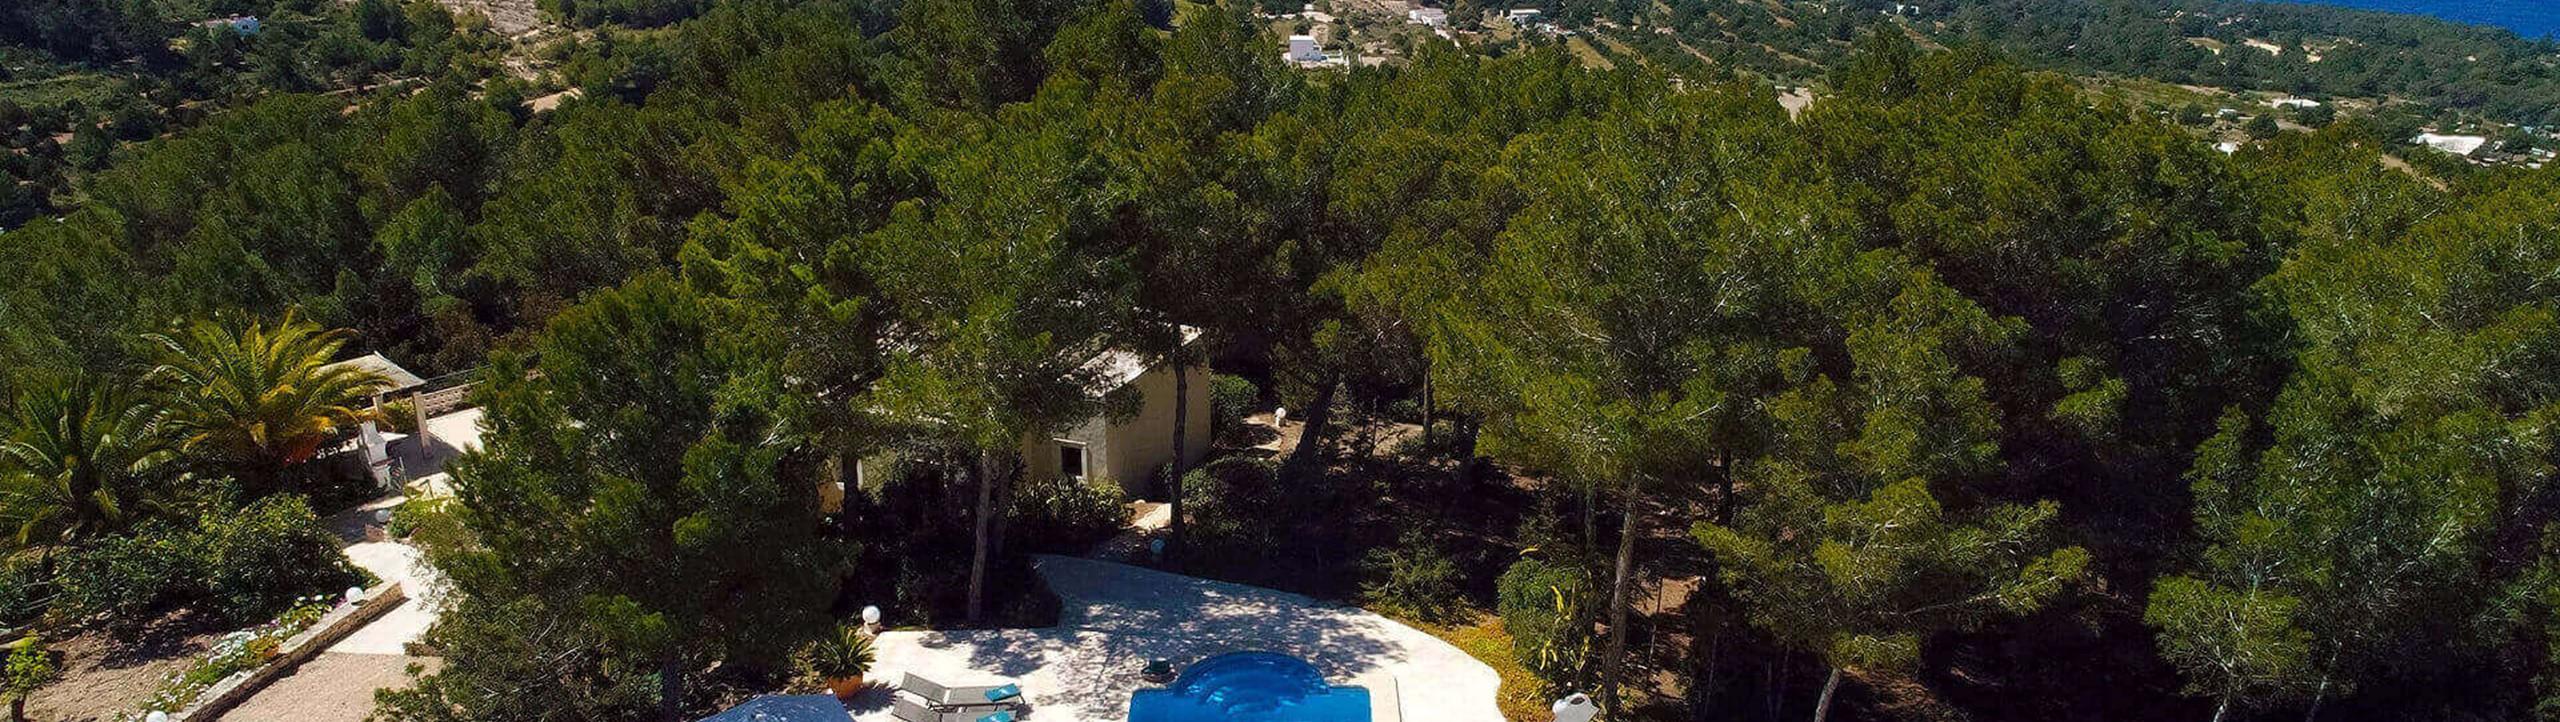 Villa Romero II Ibiza 1 Near Es Cubells